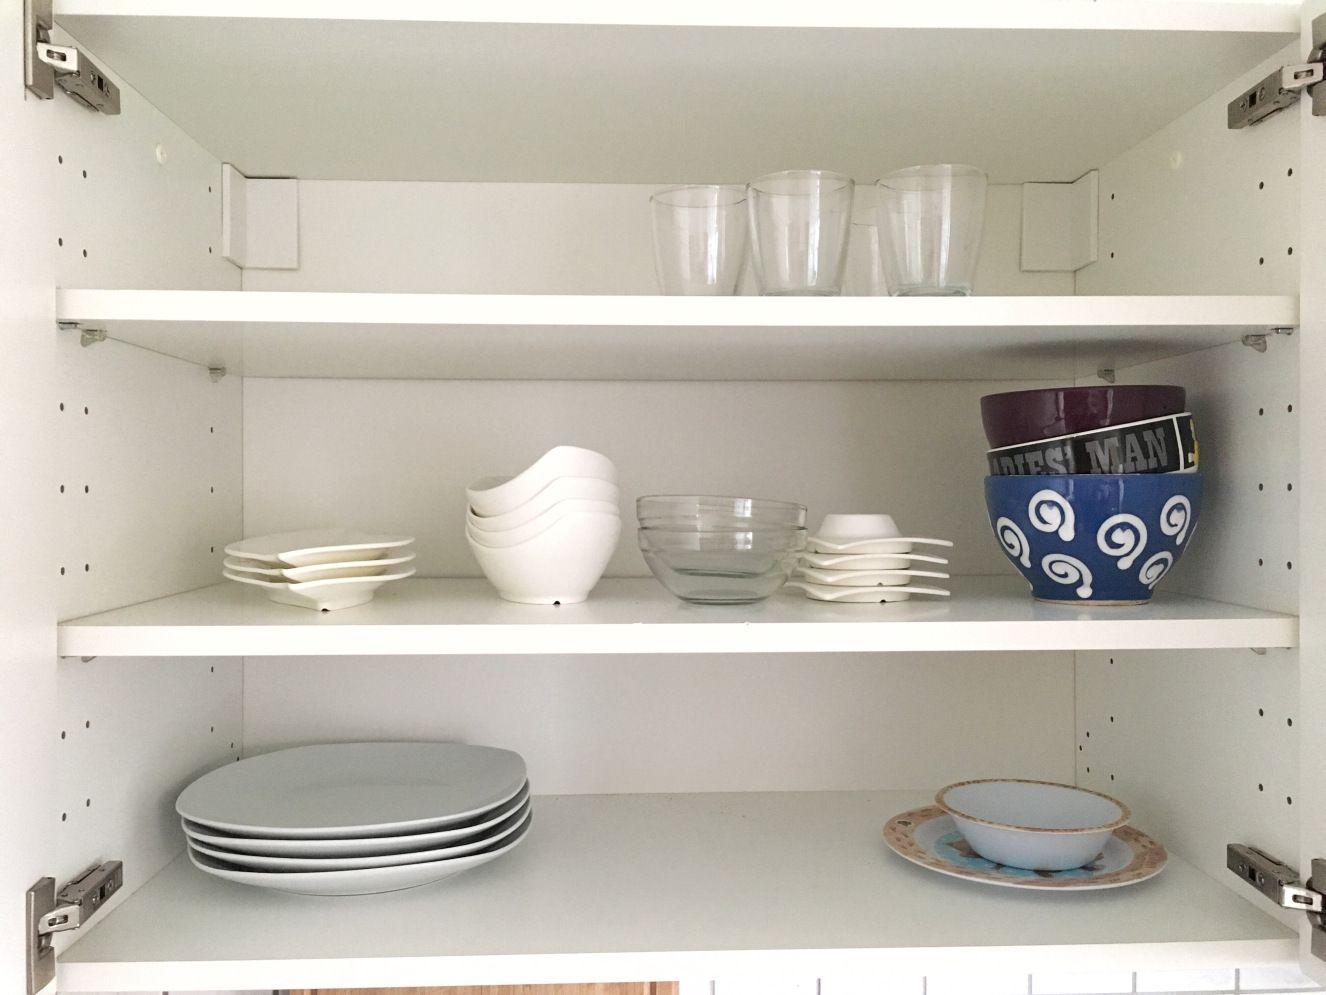 Geschutztes Blog Anmelden Kuchenschranke Organisieren